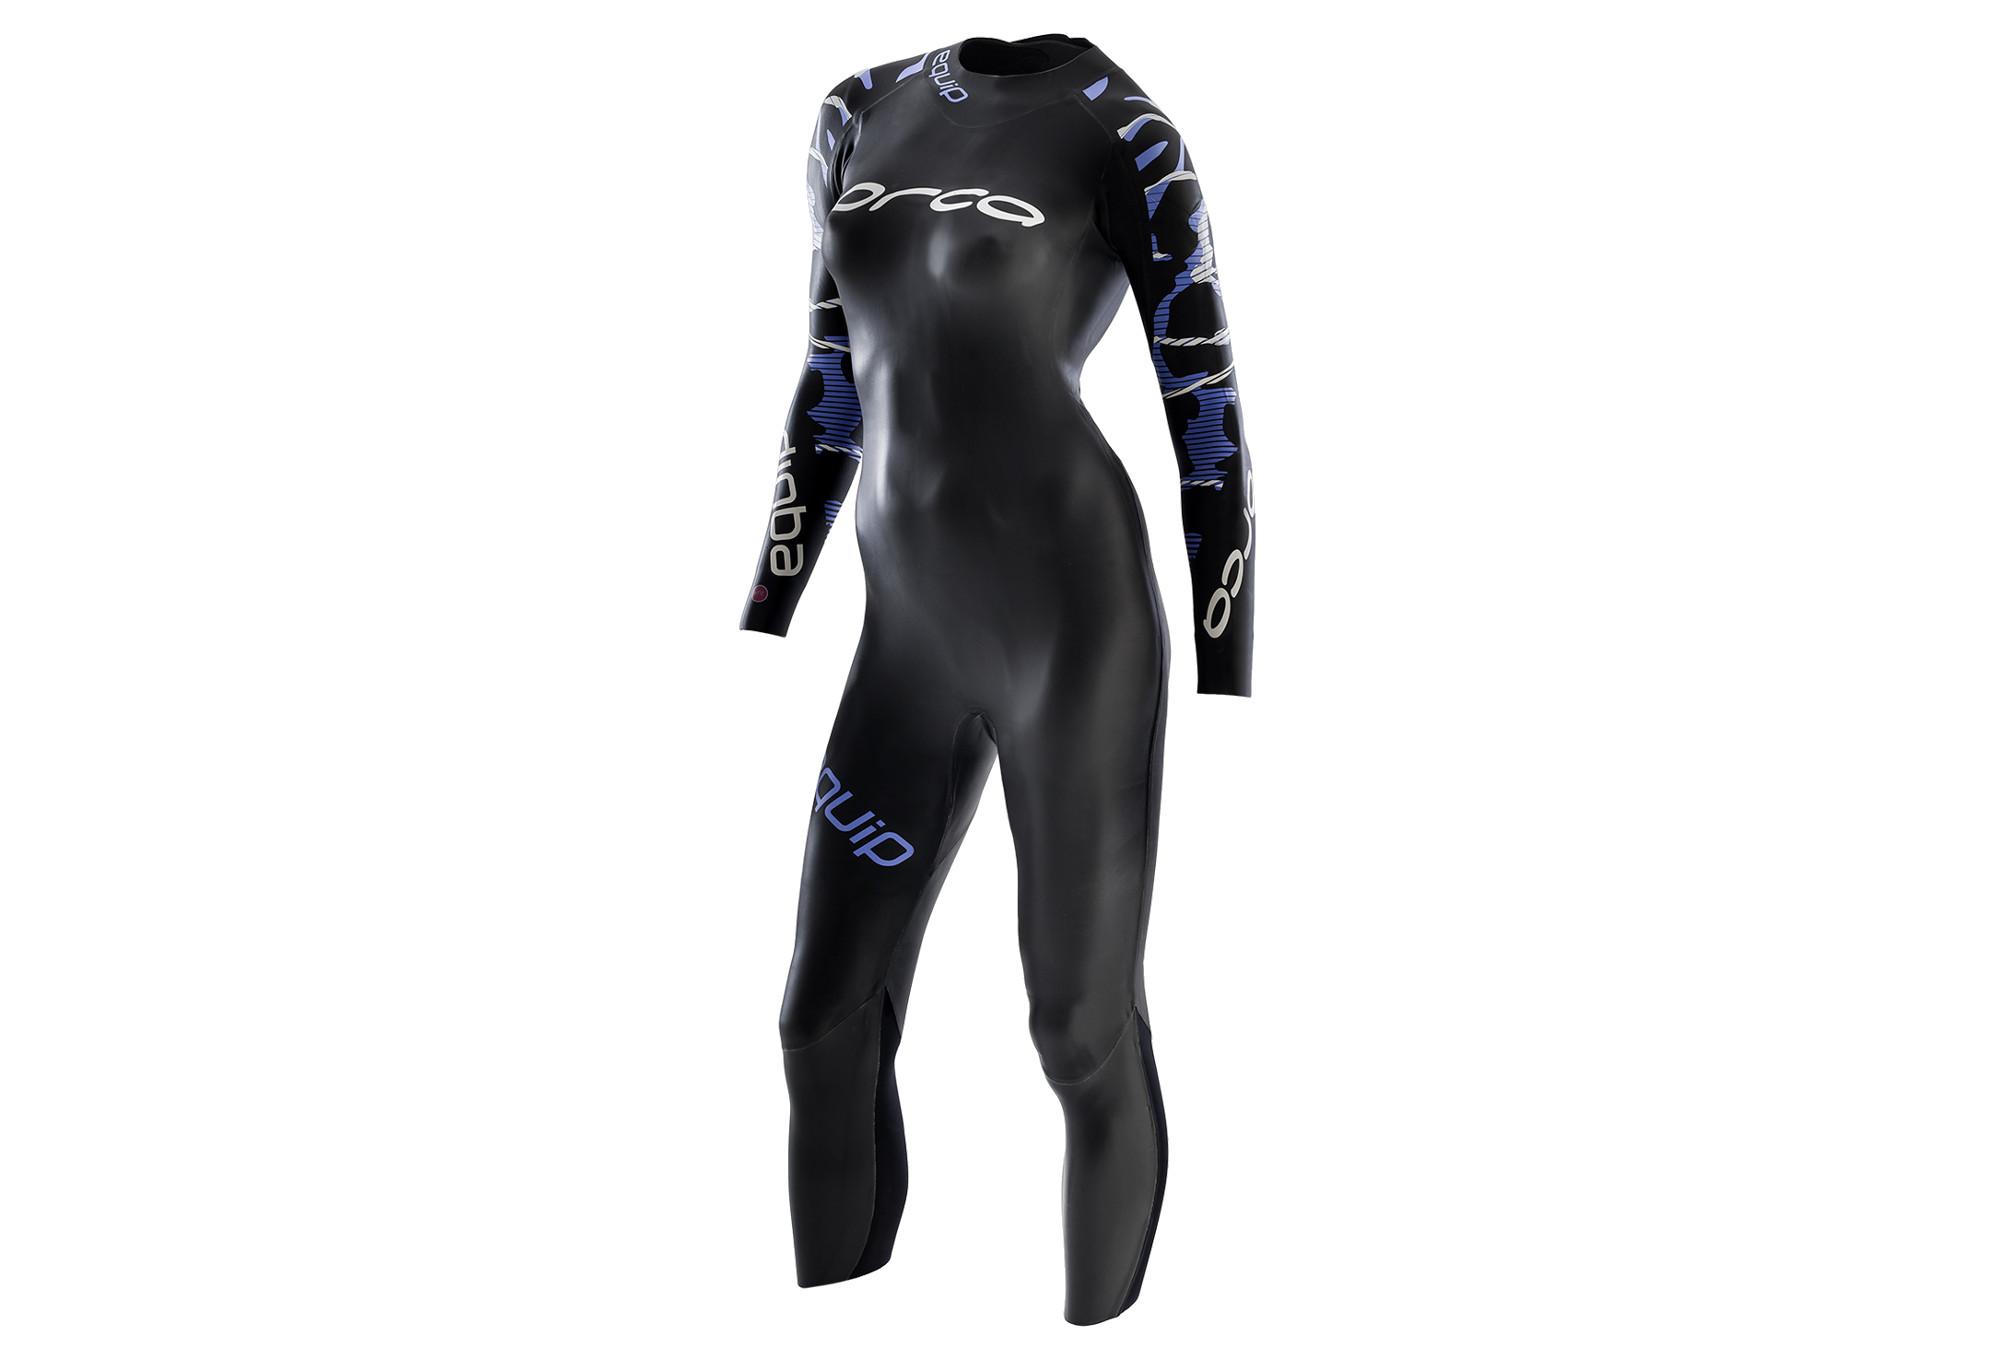 Orca Maillot de bain une pièce pour triathlon Eau libre de natation d'entraînement Offres À Bas Prix exclusif ymFPyk